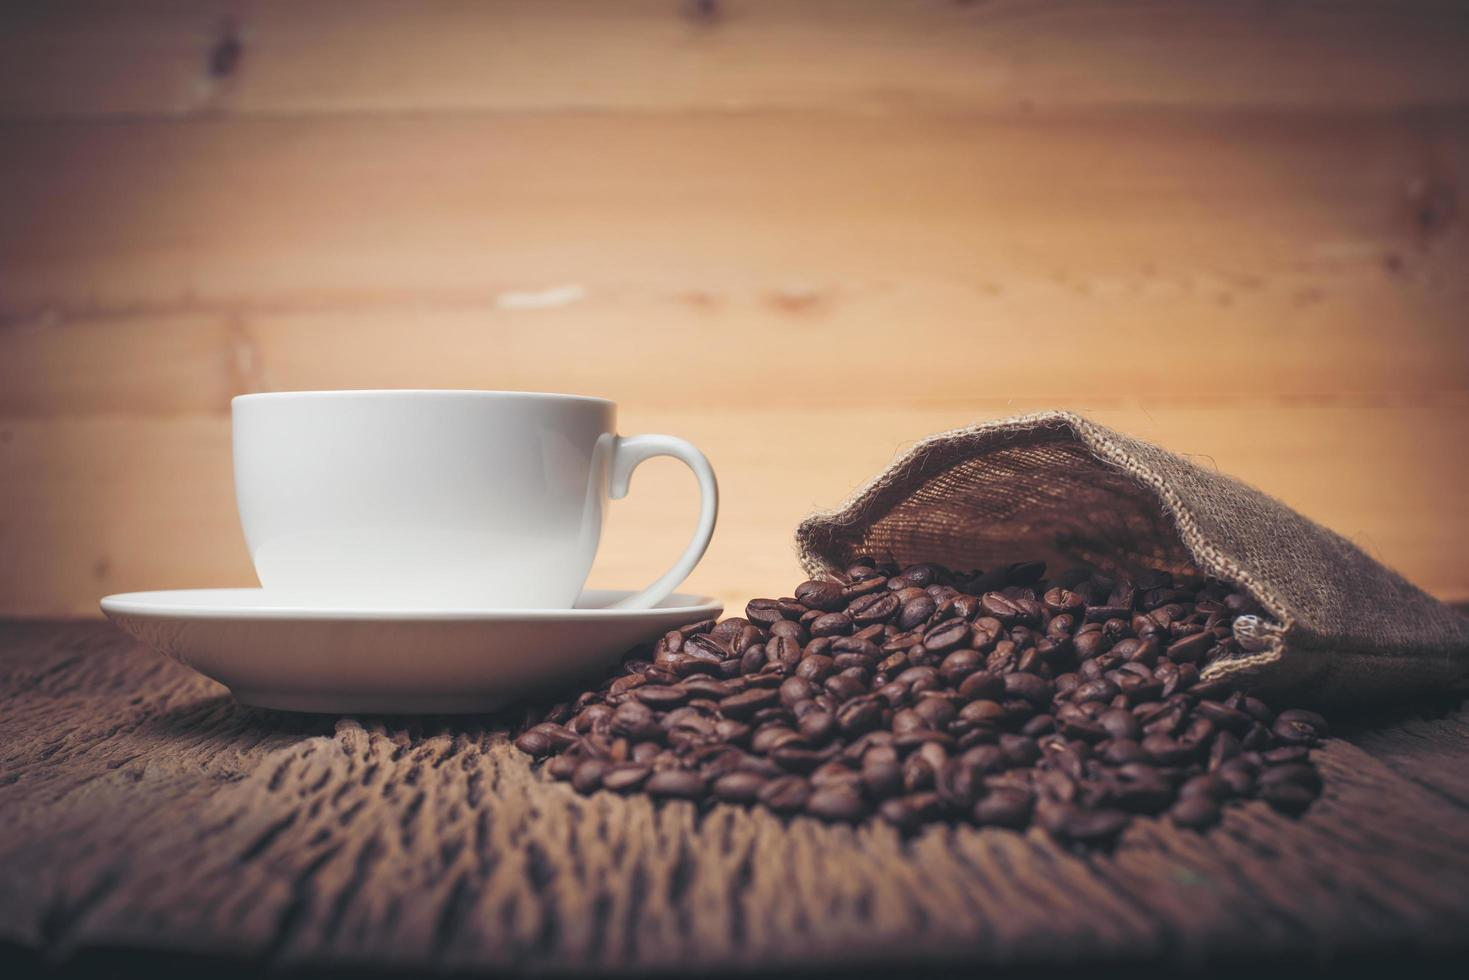 Taza de café con granos de café en una mesa de madera foto